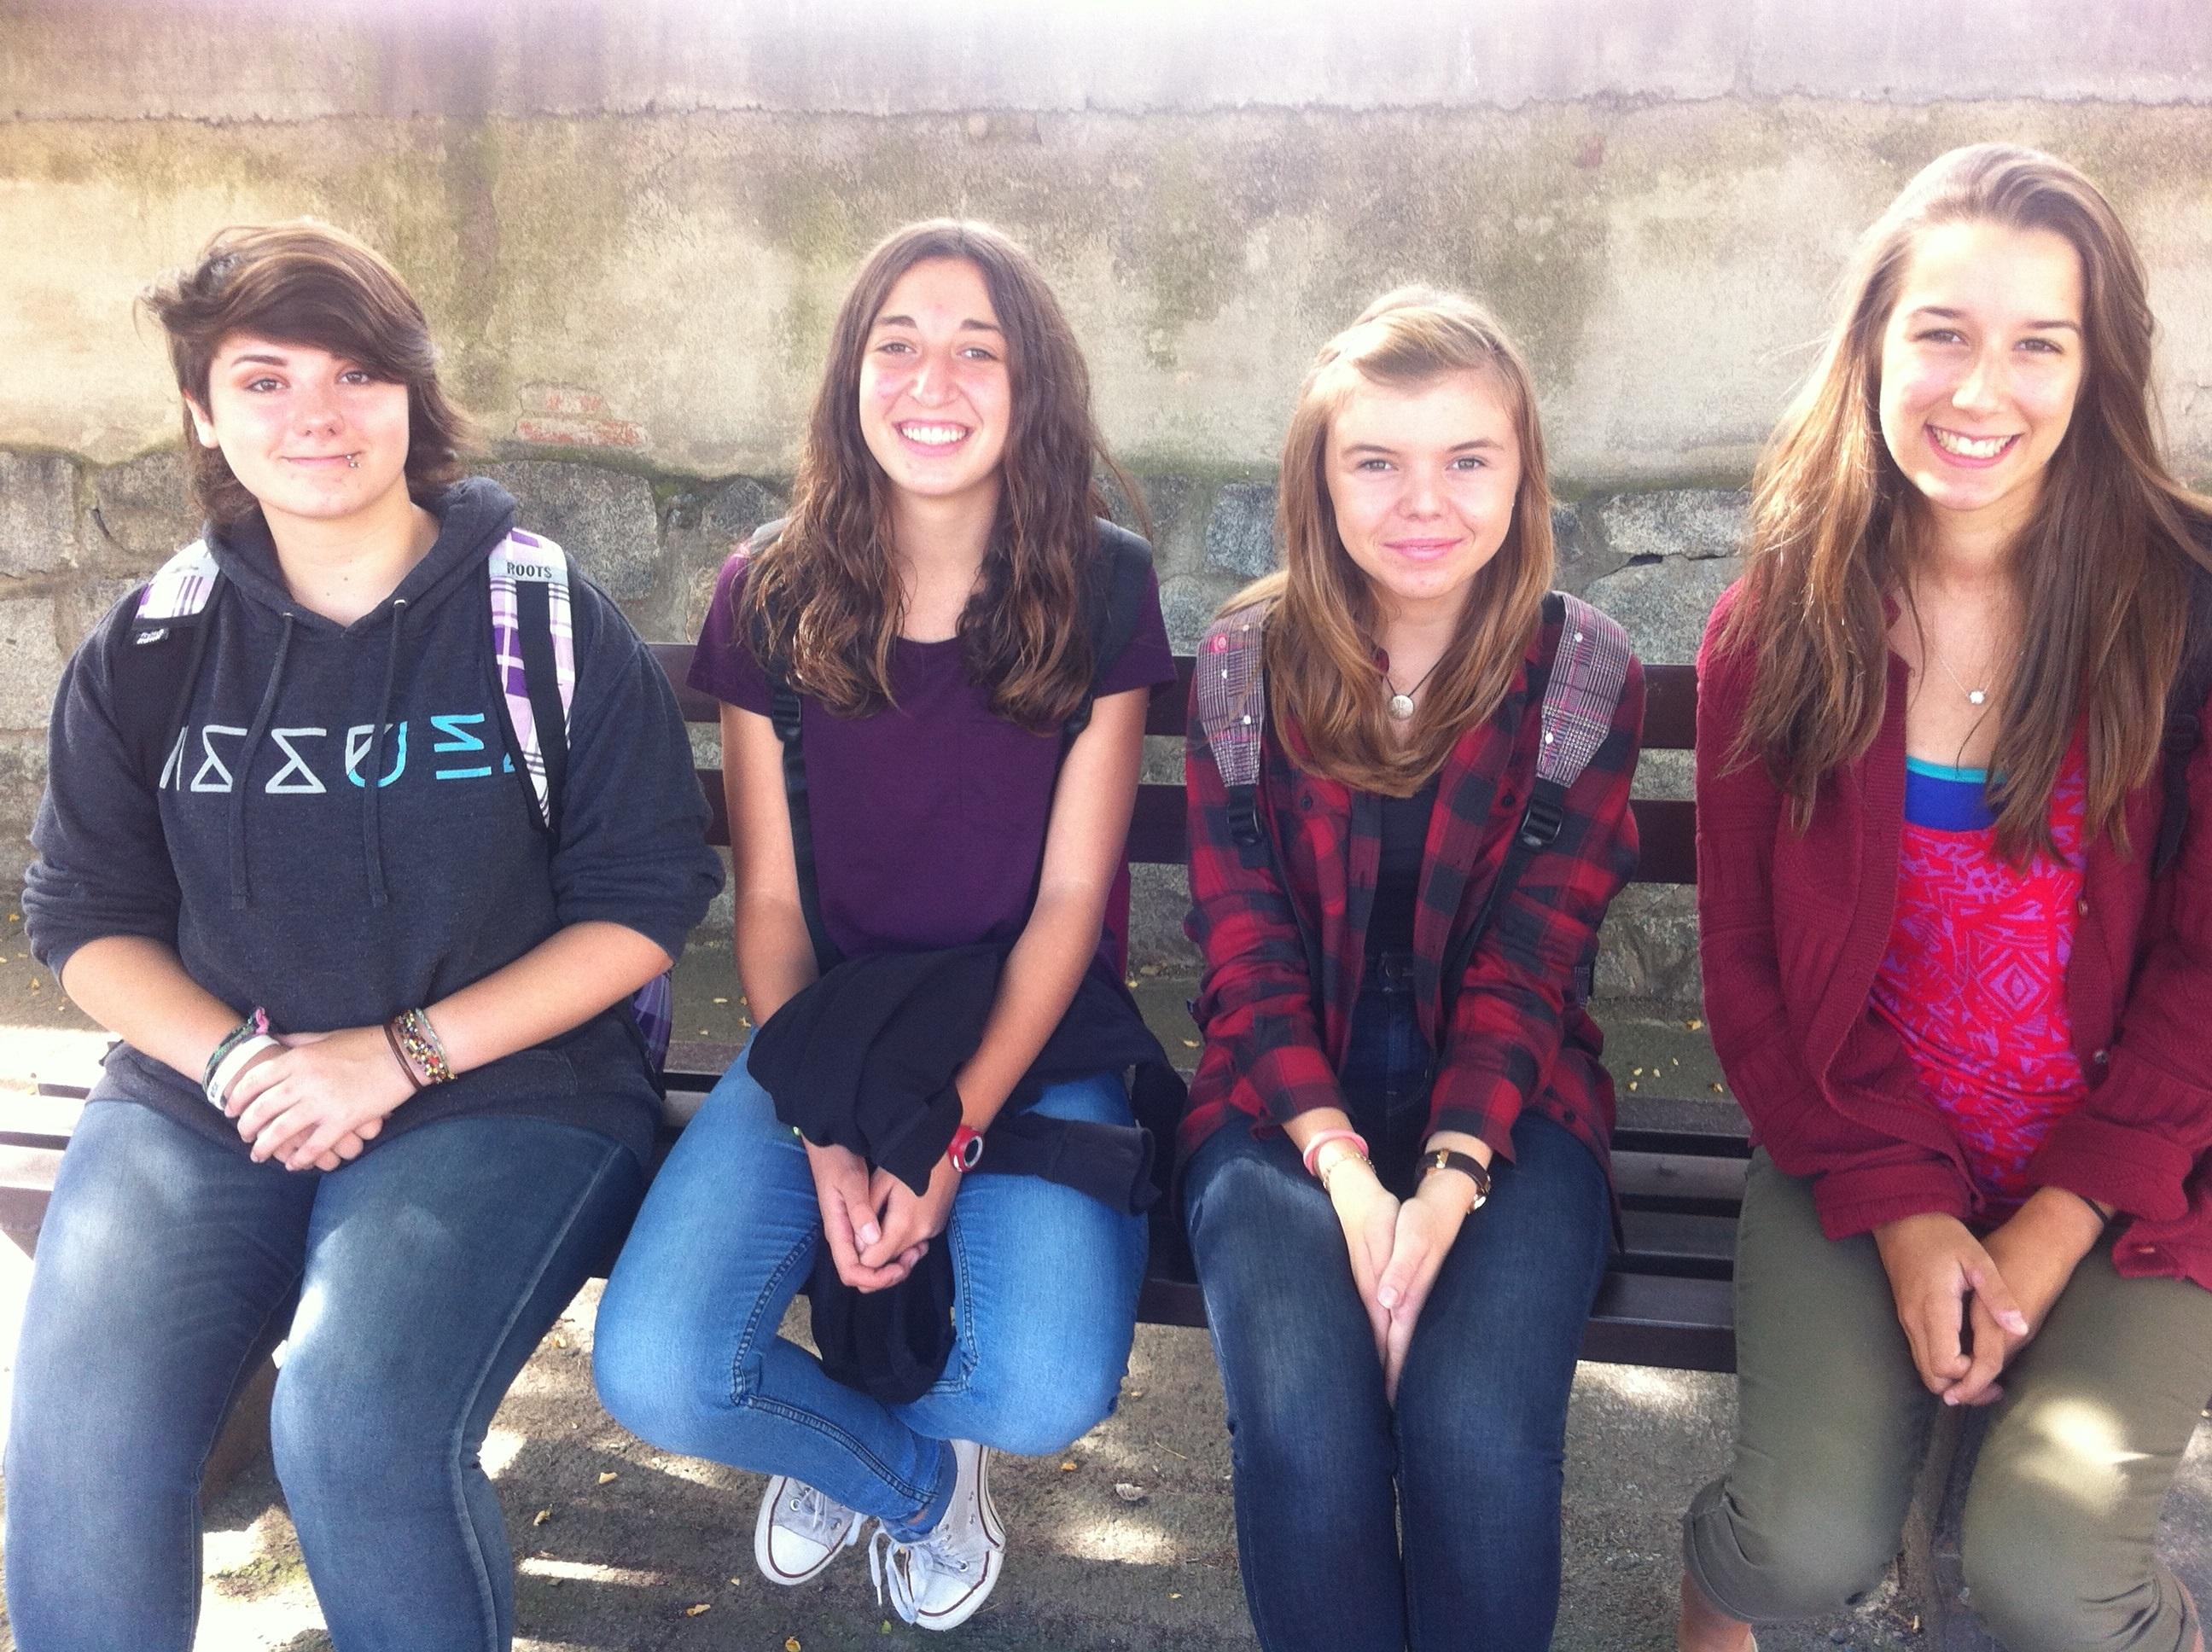 D'esquerra a dreta Kelyn, Laia, Júlia i Samantha